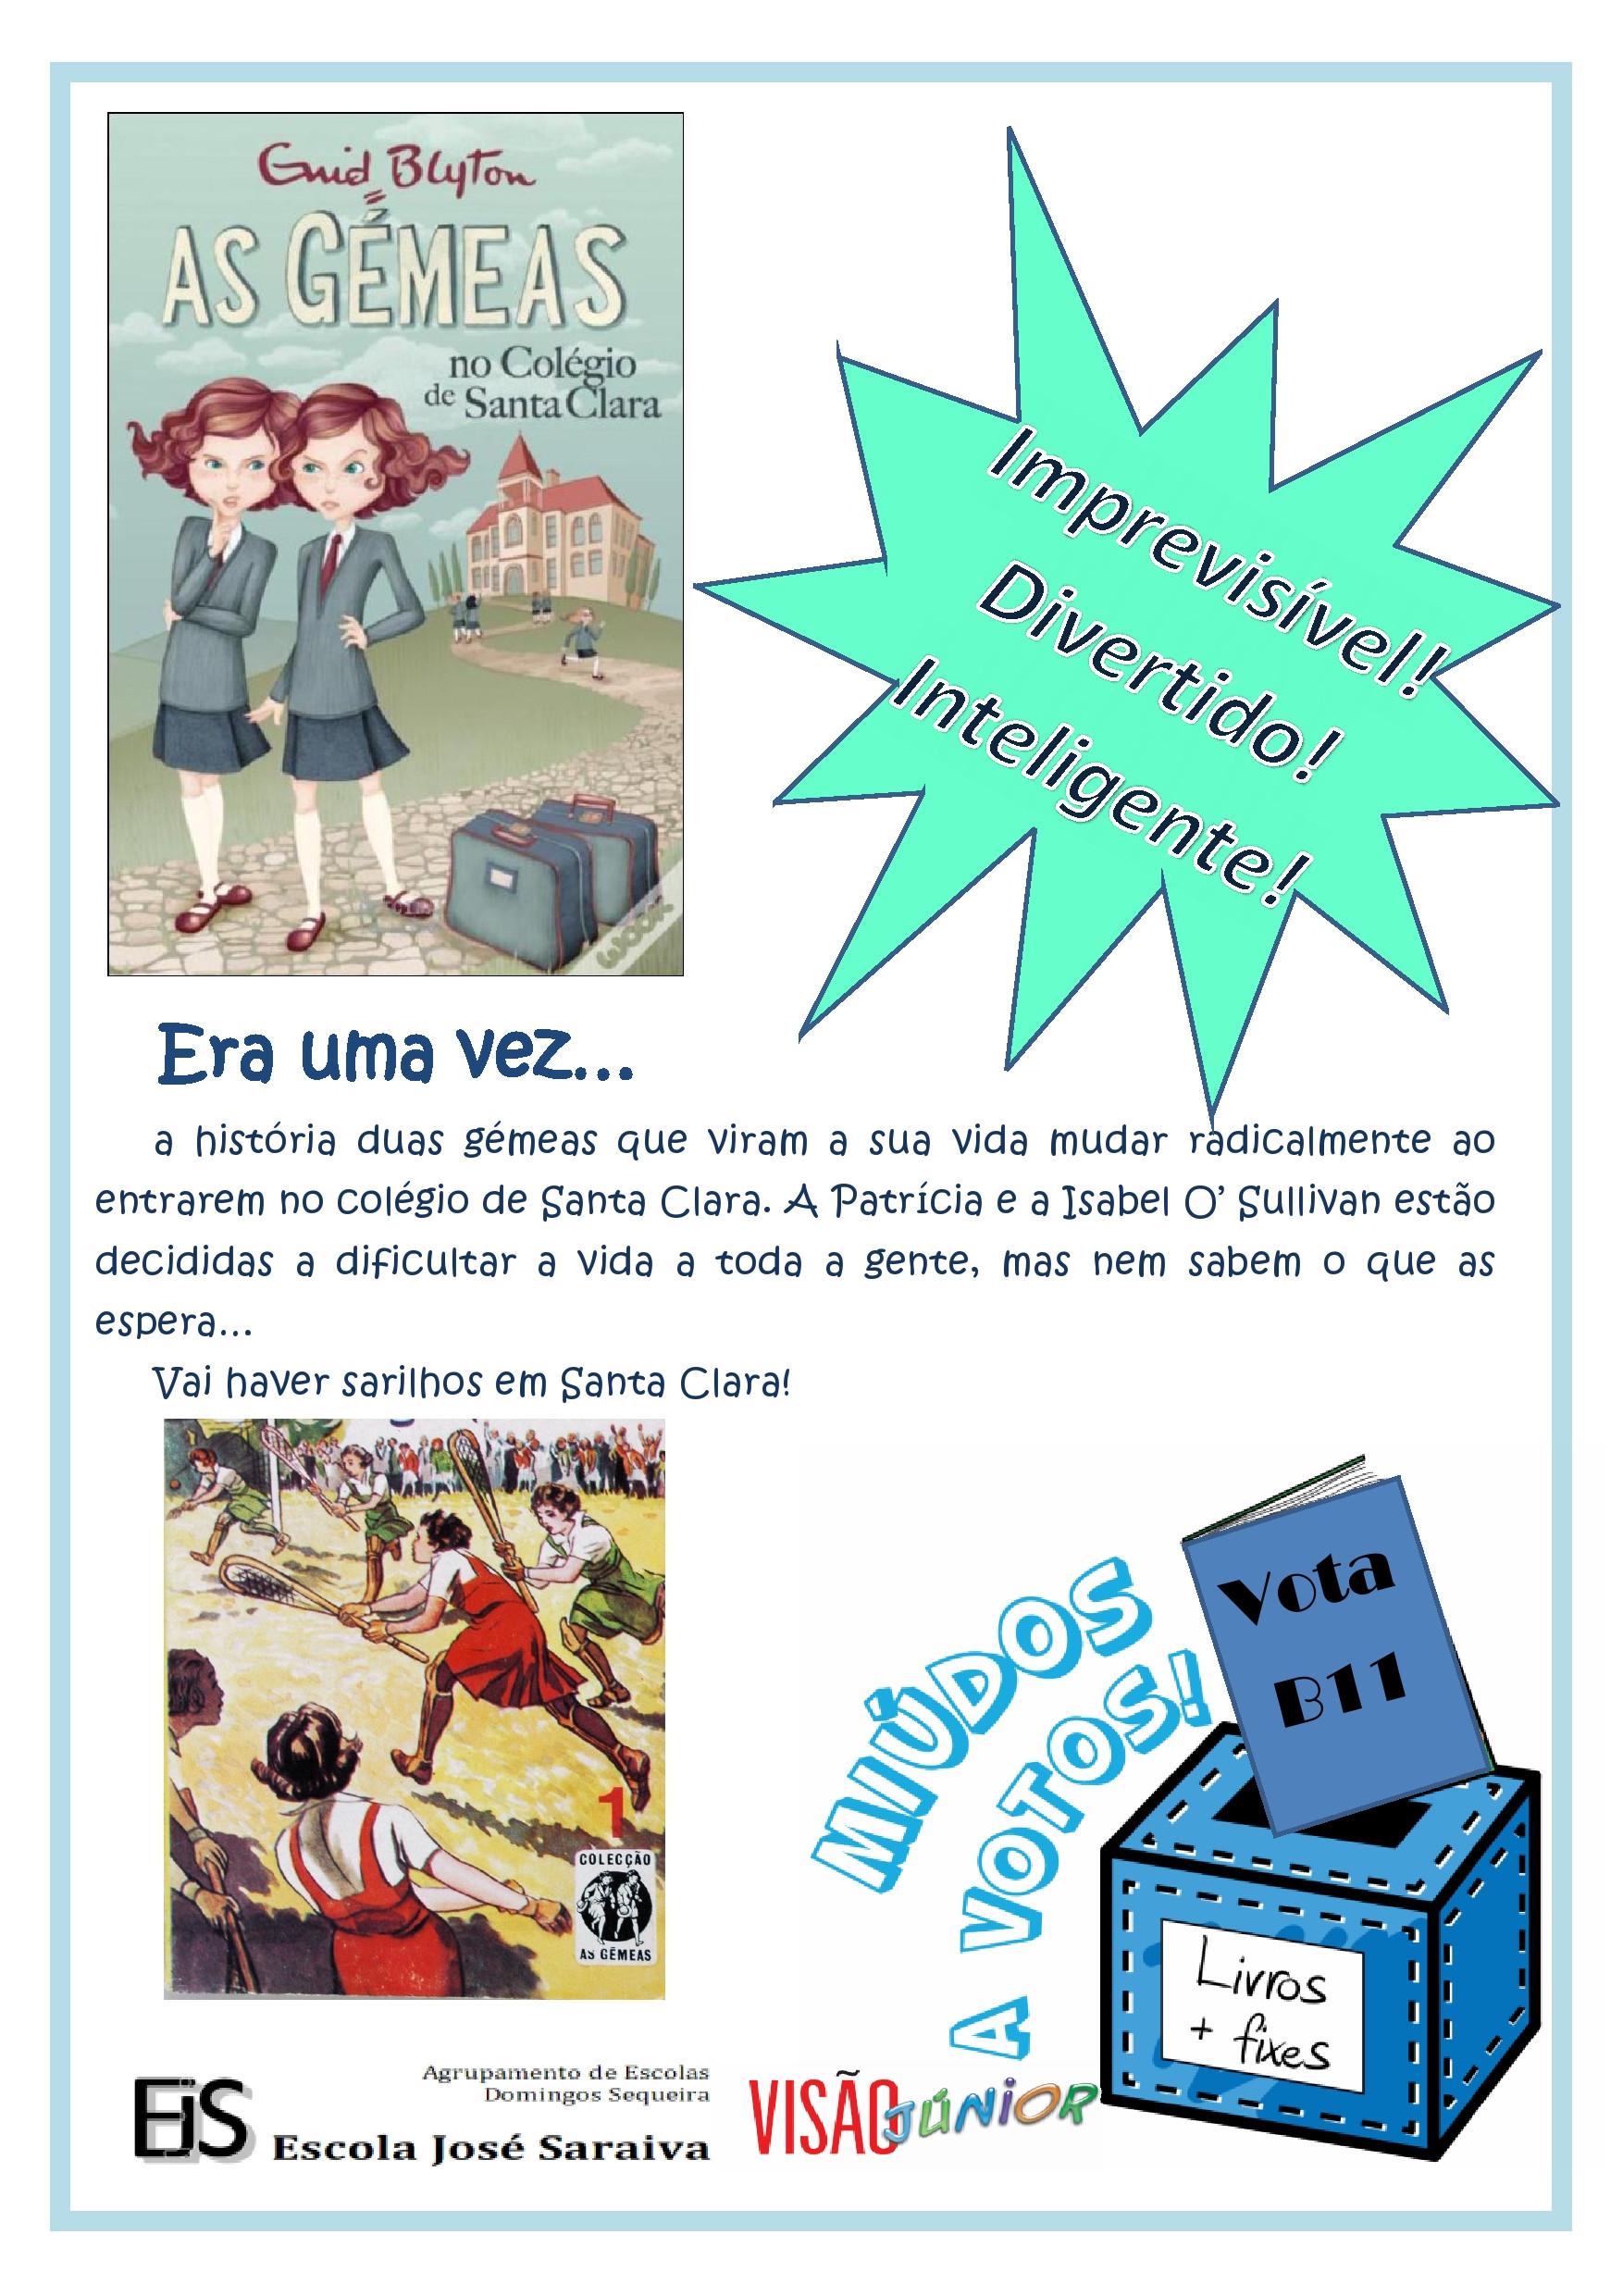 Miúdos a votos - cartaz-As gémeas no colégio de Santa Clara-page0001.jpg